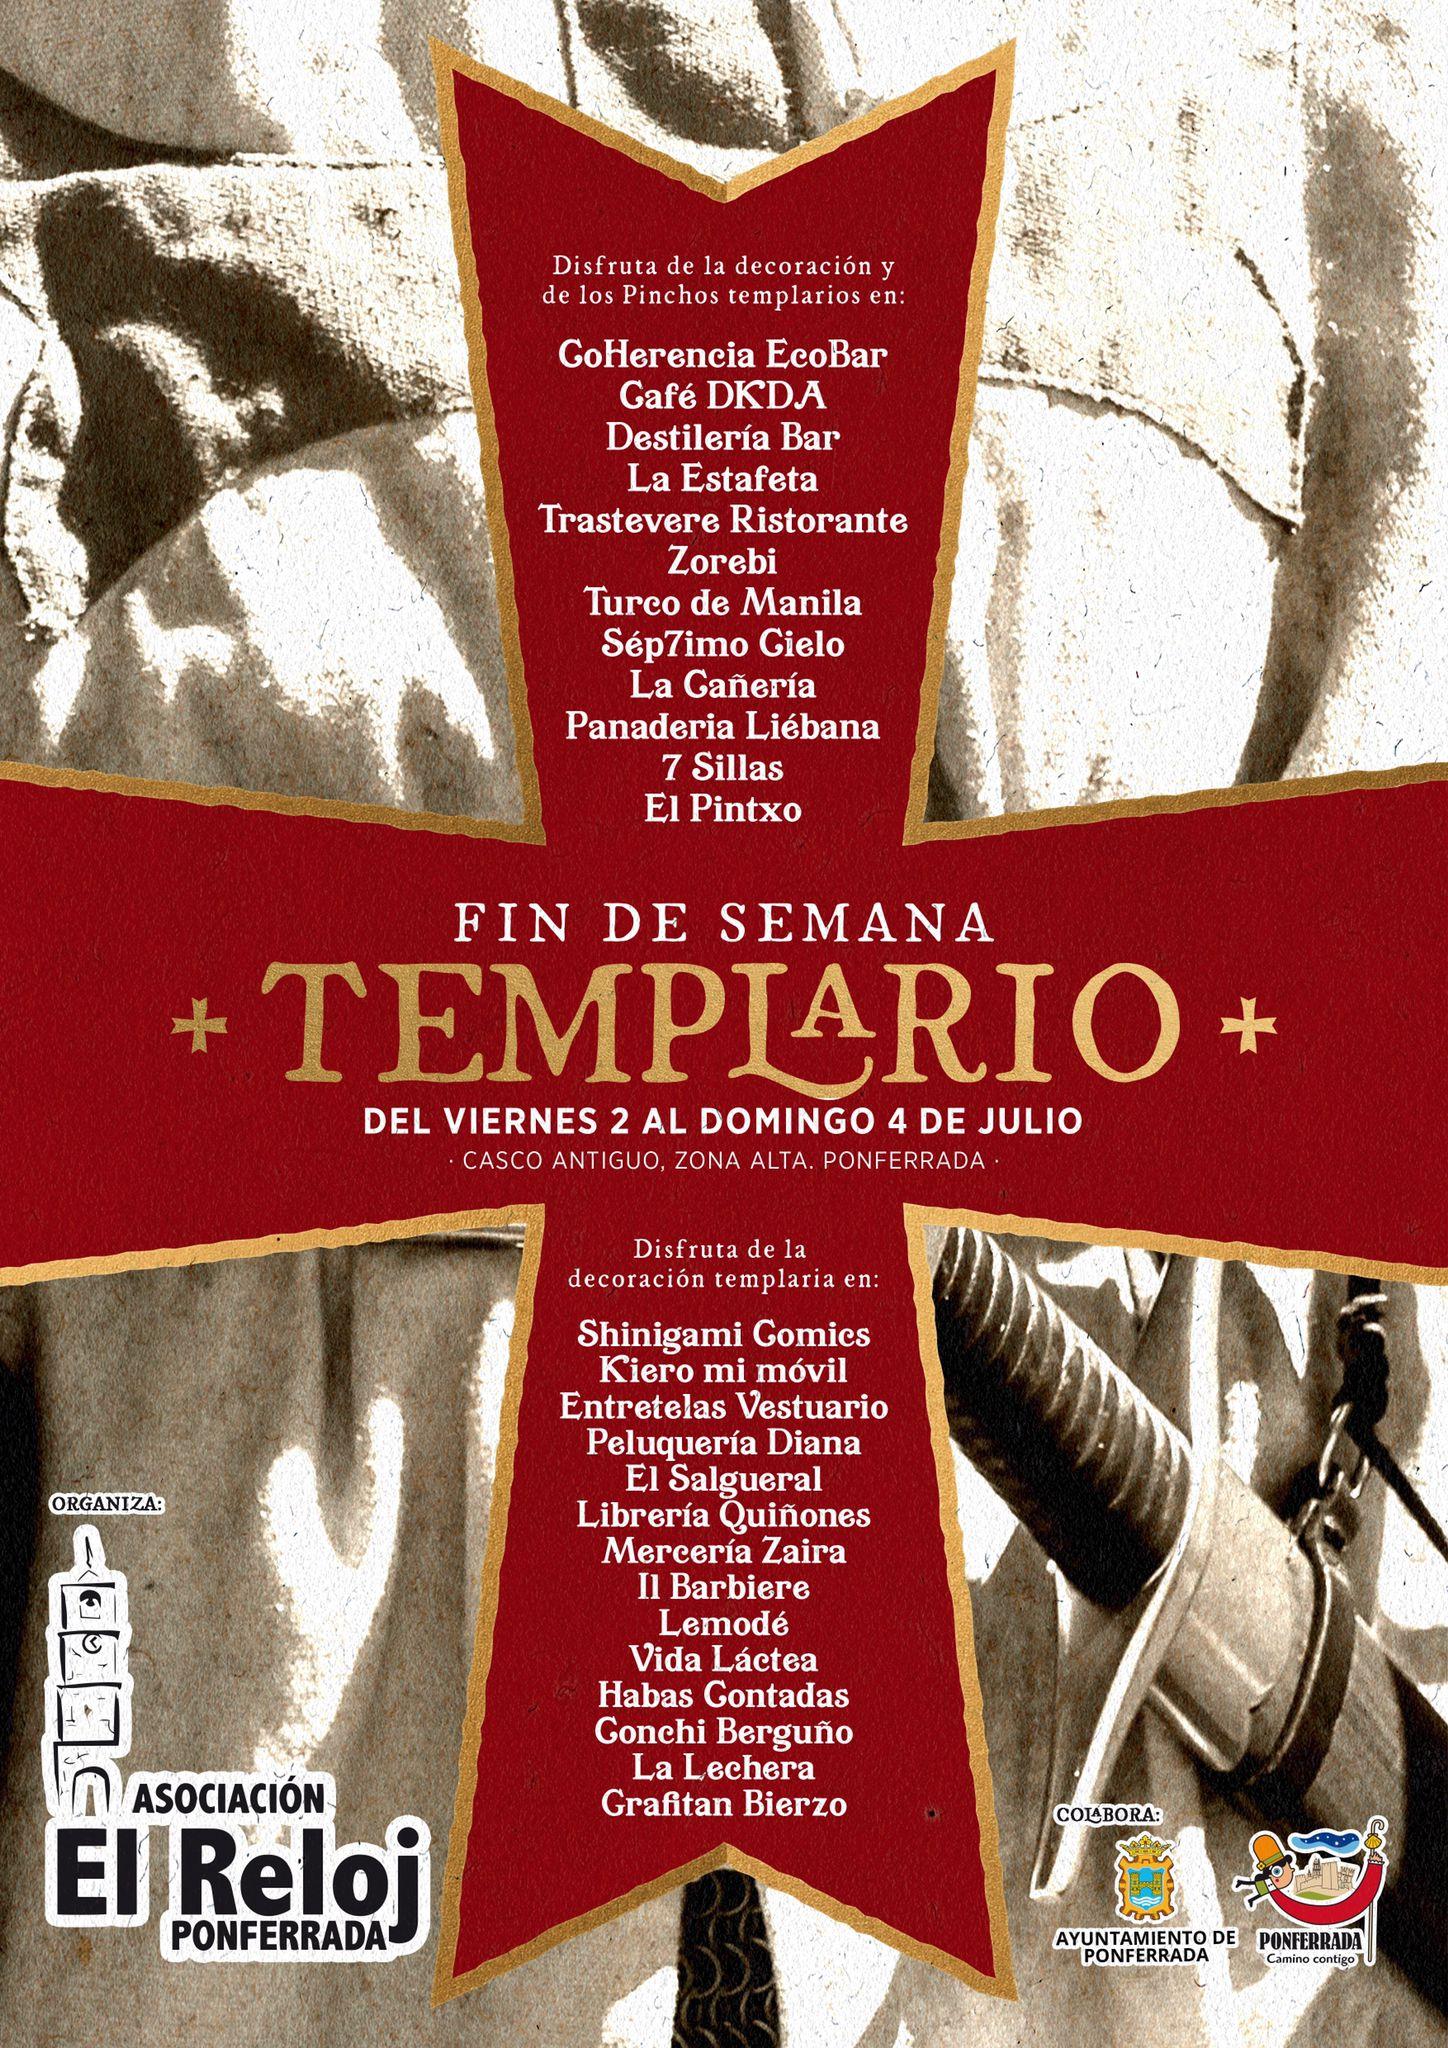 Ponferrada Templaria, del 2 al 4 de julio, la ciudad rinde homenaje a su pasado 2